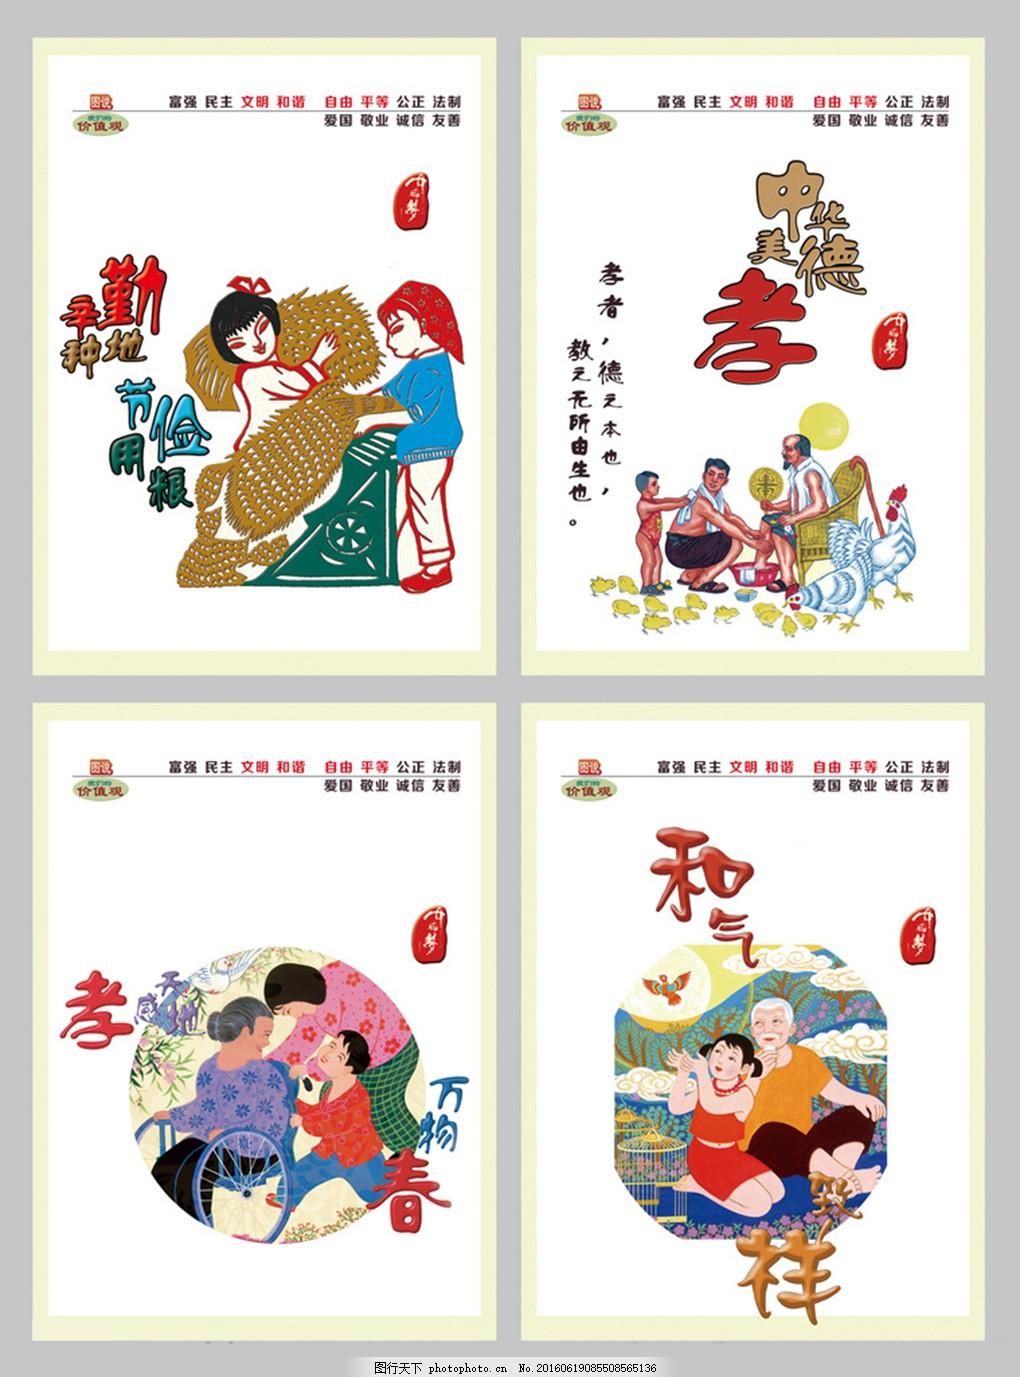 中国梦广告 福娃 中国梦展板 中国梦墙画 中国梦围墙画 中国梦海报